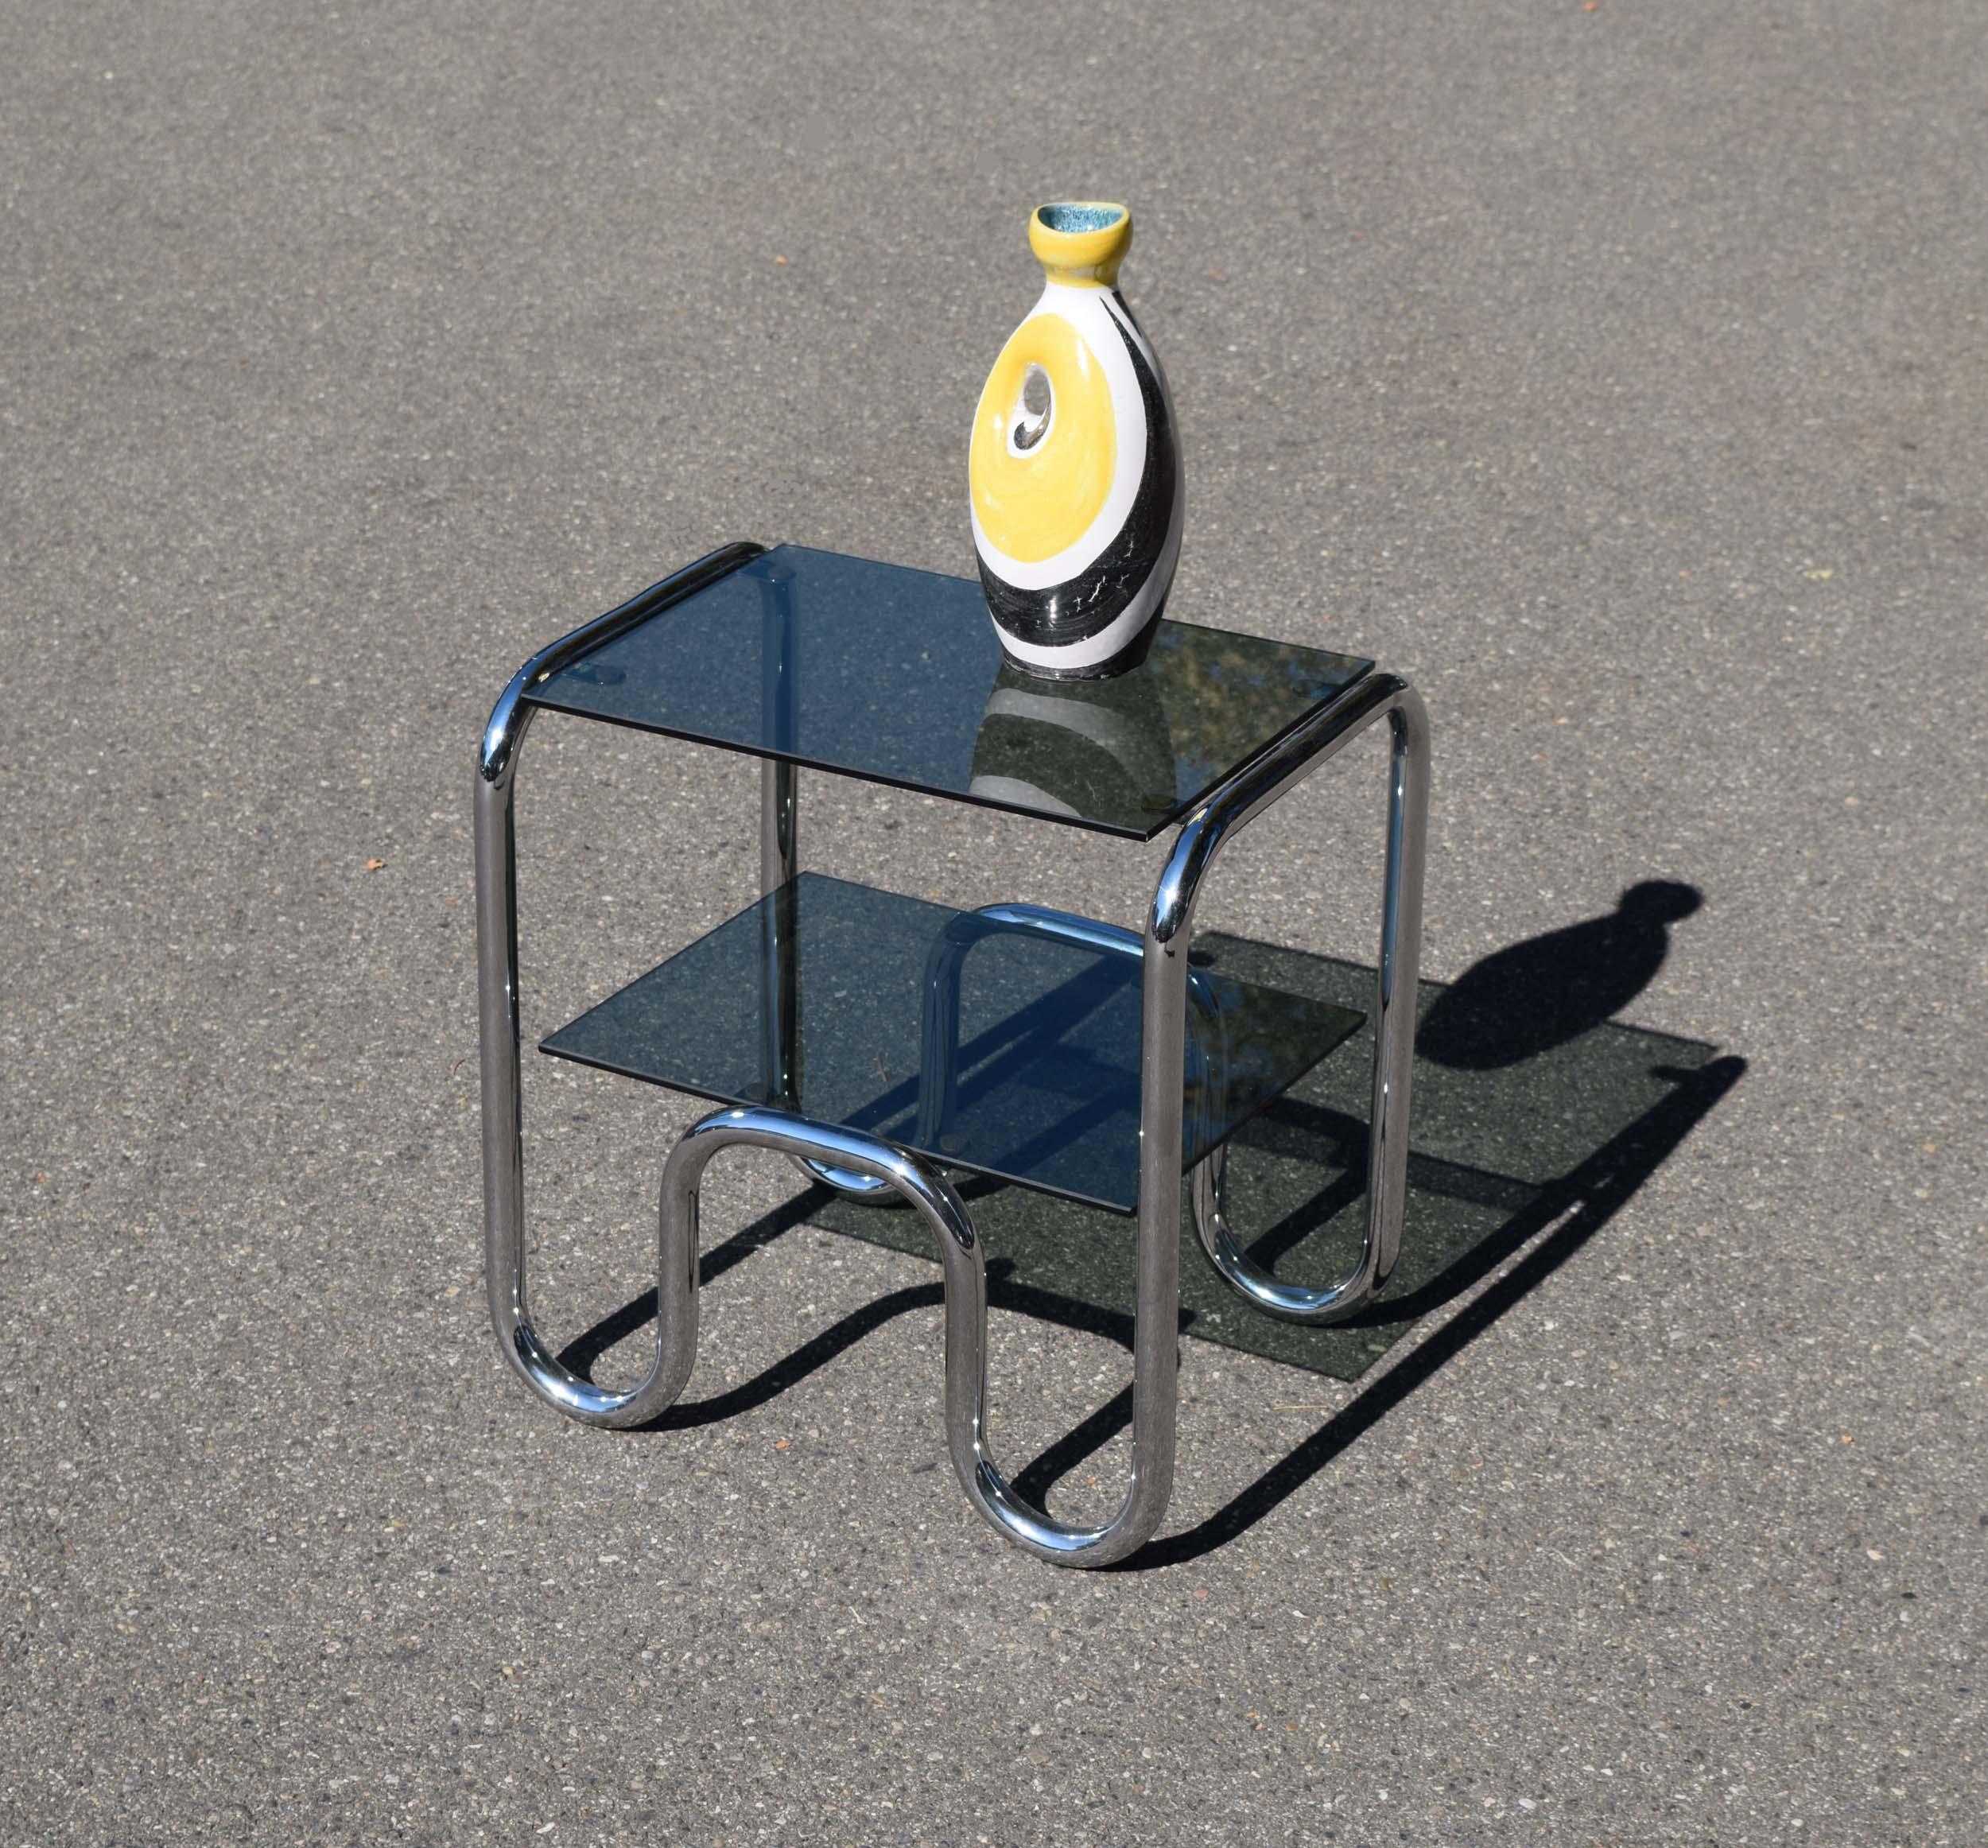 Petits meubles et objets design des ann es 1960 70 - Petit meuble en verre ...